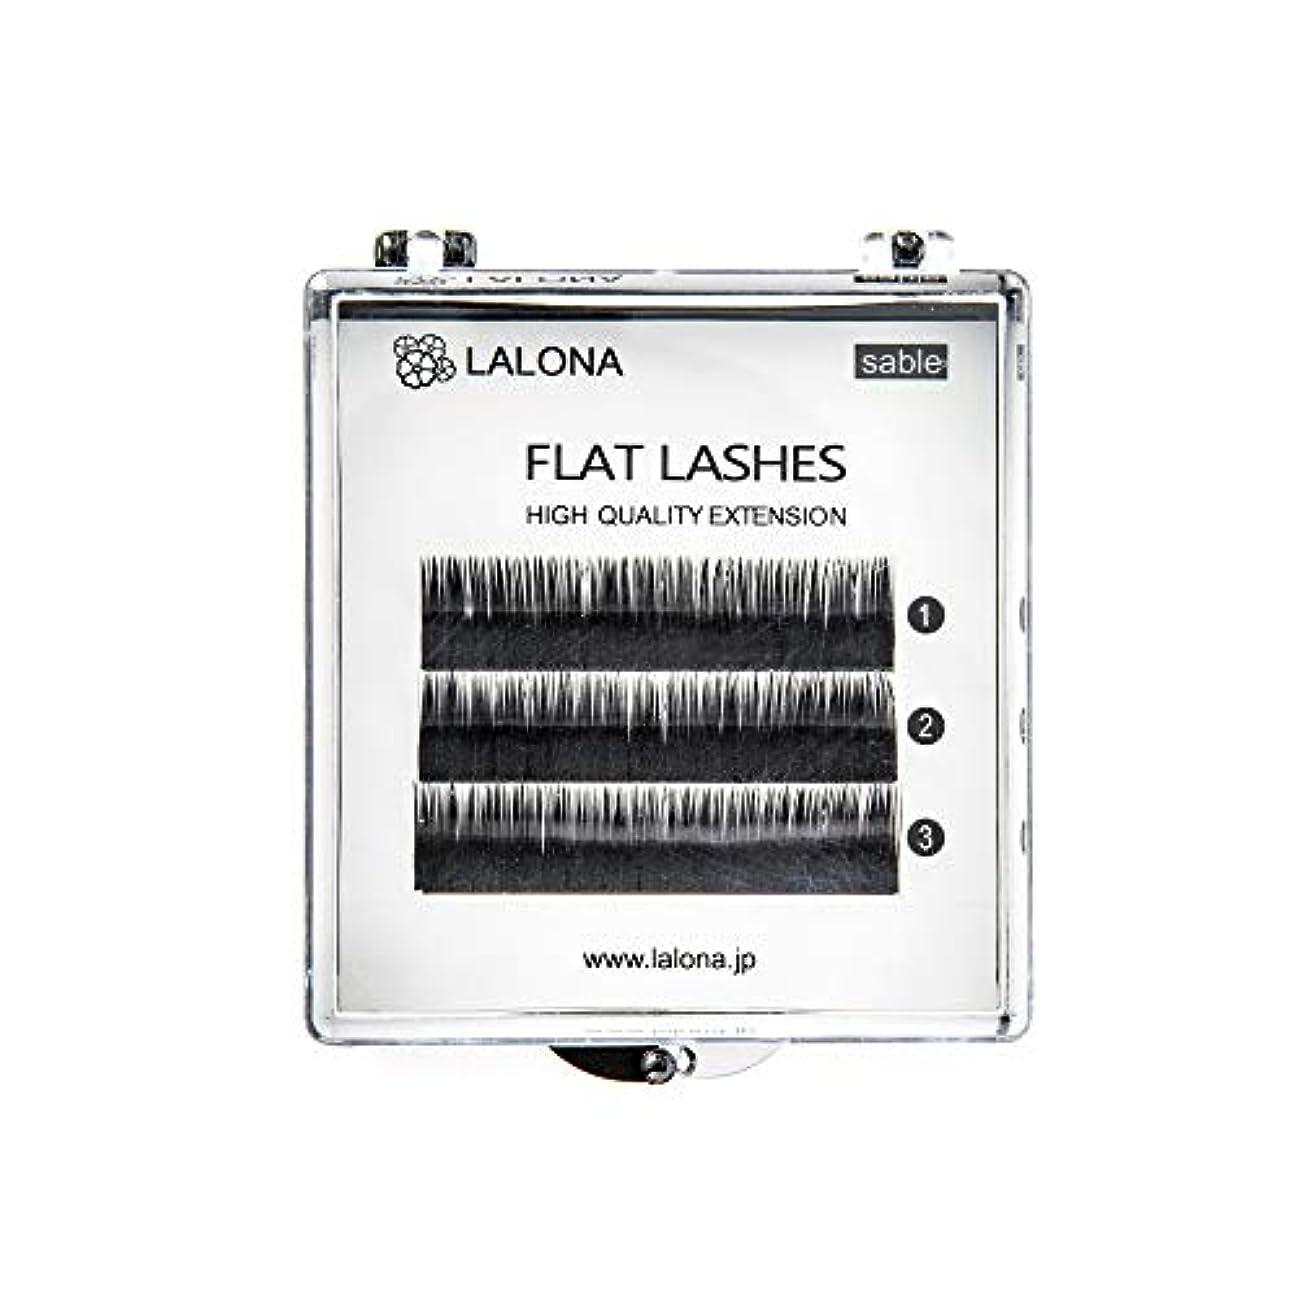 借りている元の一般化するLALONA [ ラローナ ] フラットラッシュ (BLK) (3列) まつげエクステ 平面加工 Lディテール ブラック (Jカール 0.1 / 10mm)